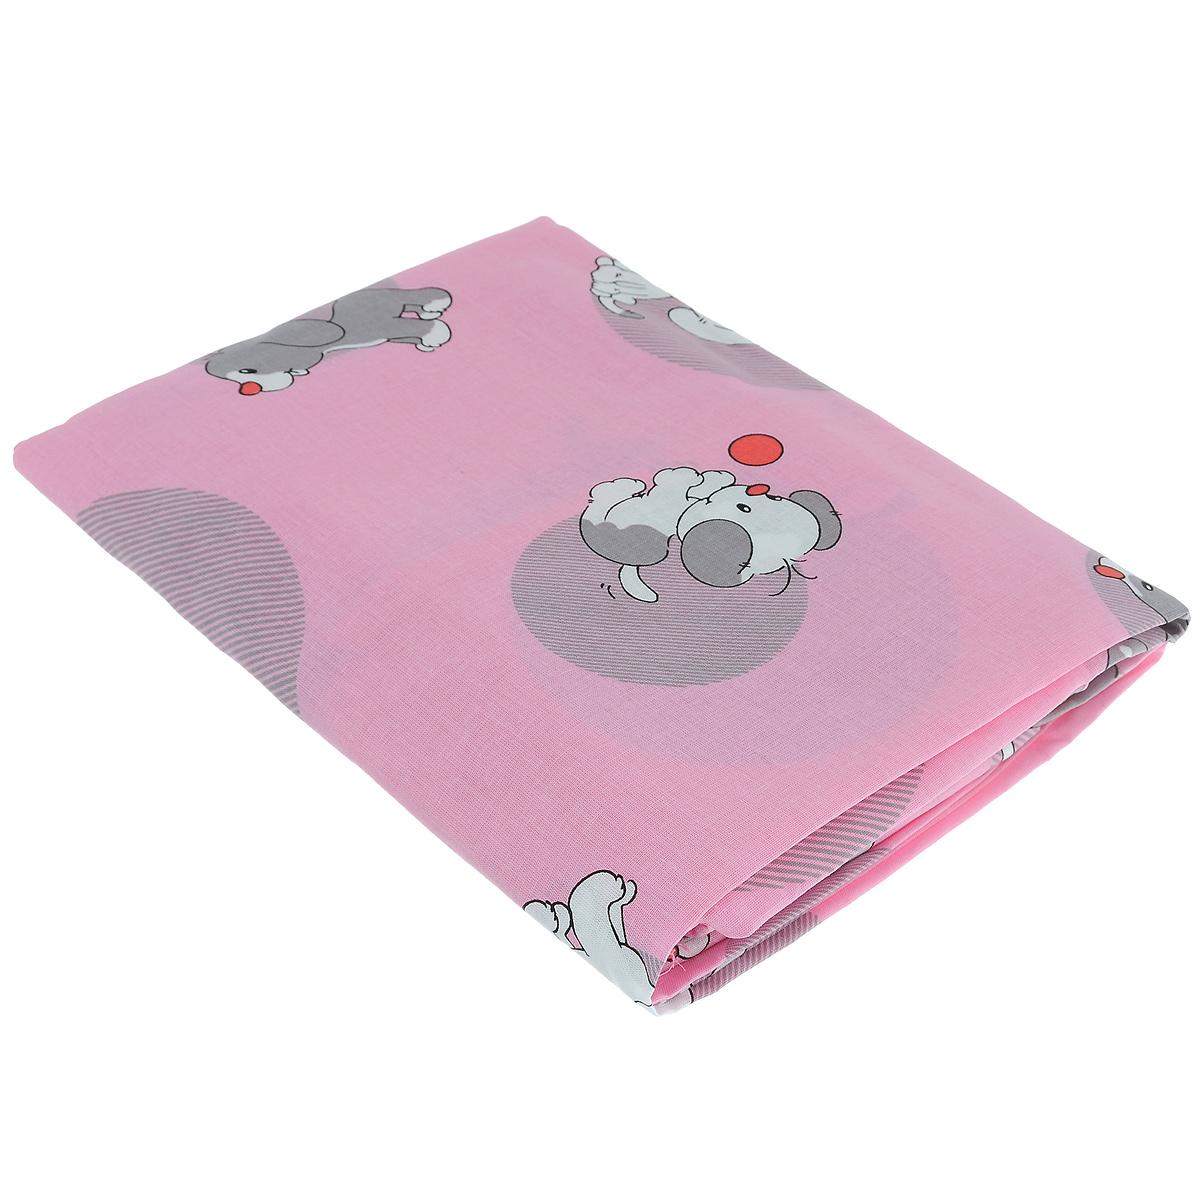 Комплект детского постельного белья Фея Наши друзья, цвет: розовый, 3 предмета1060-2Детский комплект постельного белья Фея Наши друзья состоит из наволочки, пододеяльника и простыни на резинке. Такой комплект идеально подойдет для кроватки вашего малыша и обеспечит ему здоровый сон. Он изготовлен из натурального 100% хлопка, дарящего малышу непревзойденную мягкость. Натуральный материал не раздражает даже самую нежную и чувствительную кожу ребенка, обеспечивая ему наибольший комфорт. Простыня с помощью специальной резинки растягивается на матрасе. Она не сомнется и не скомкается, как бы не вертелся ребенок. Приятный рисунок комплекта, несомненно, понравится малышу и привлечет его внимание. На постельном белье Фея Наши друзья ваша кроха будет спать здоровым и крепким сном.